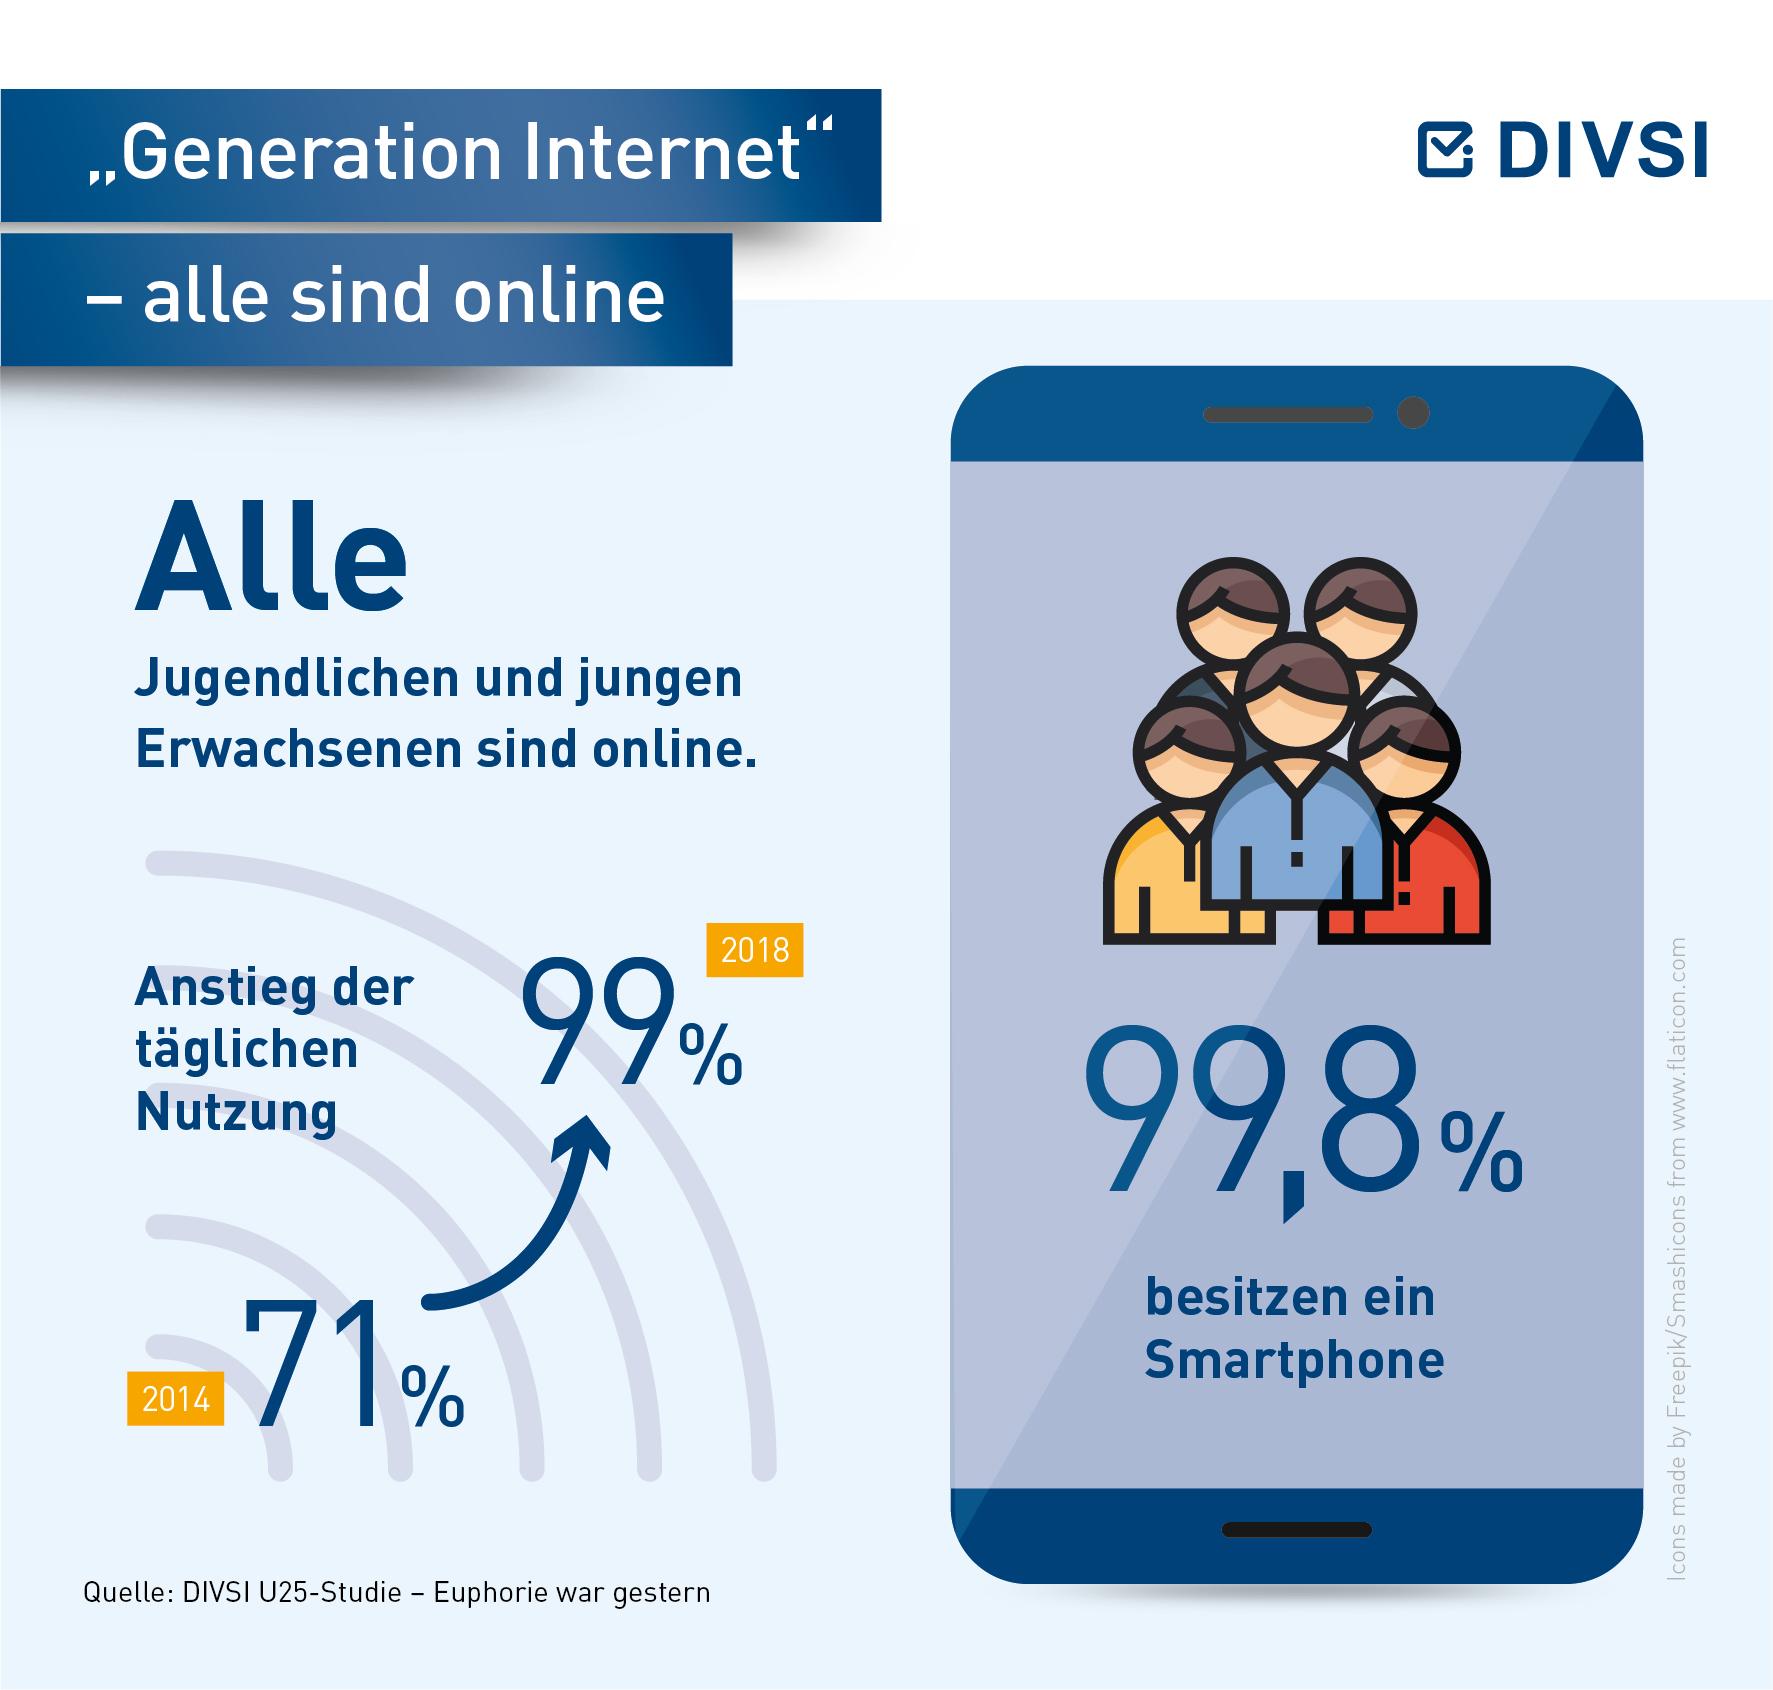 Generation Internet - alle sind online